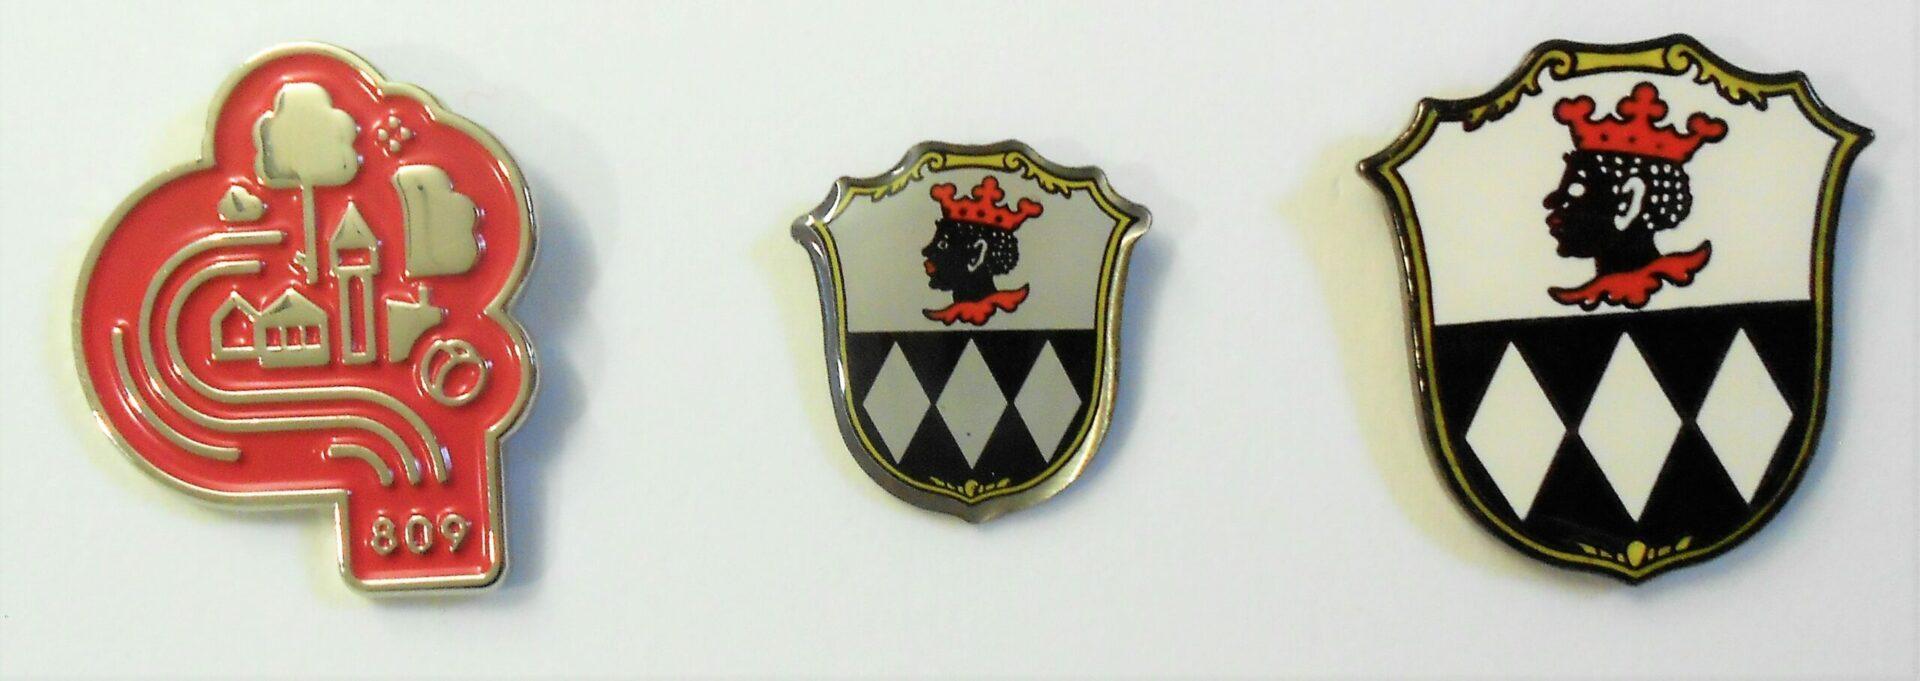 Pin (Wappen und Logo)